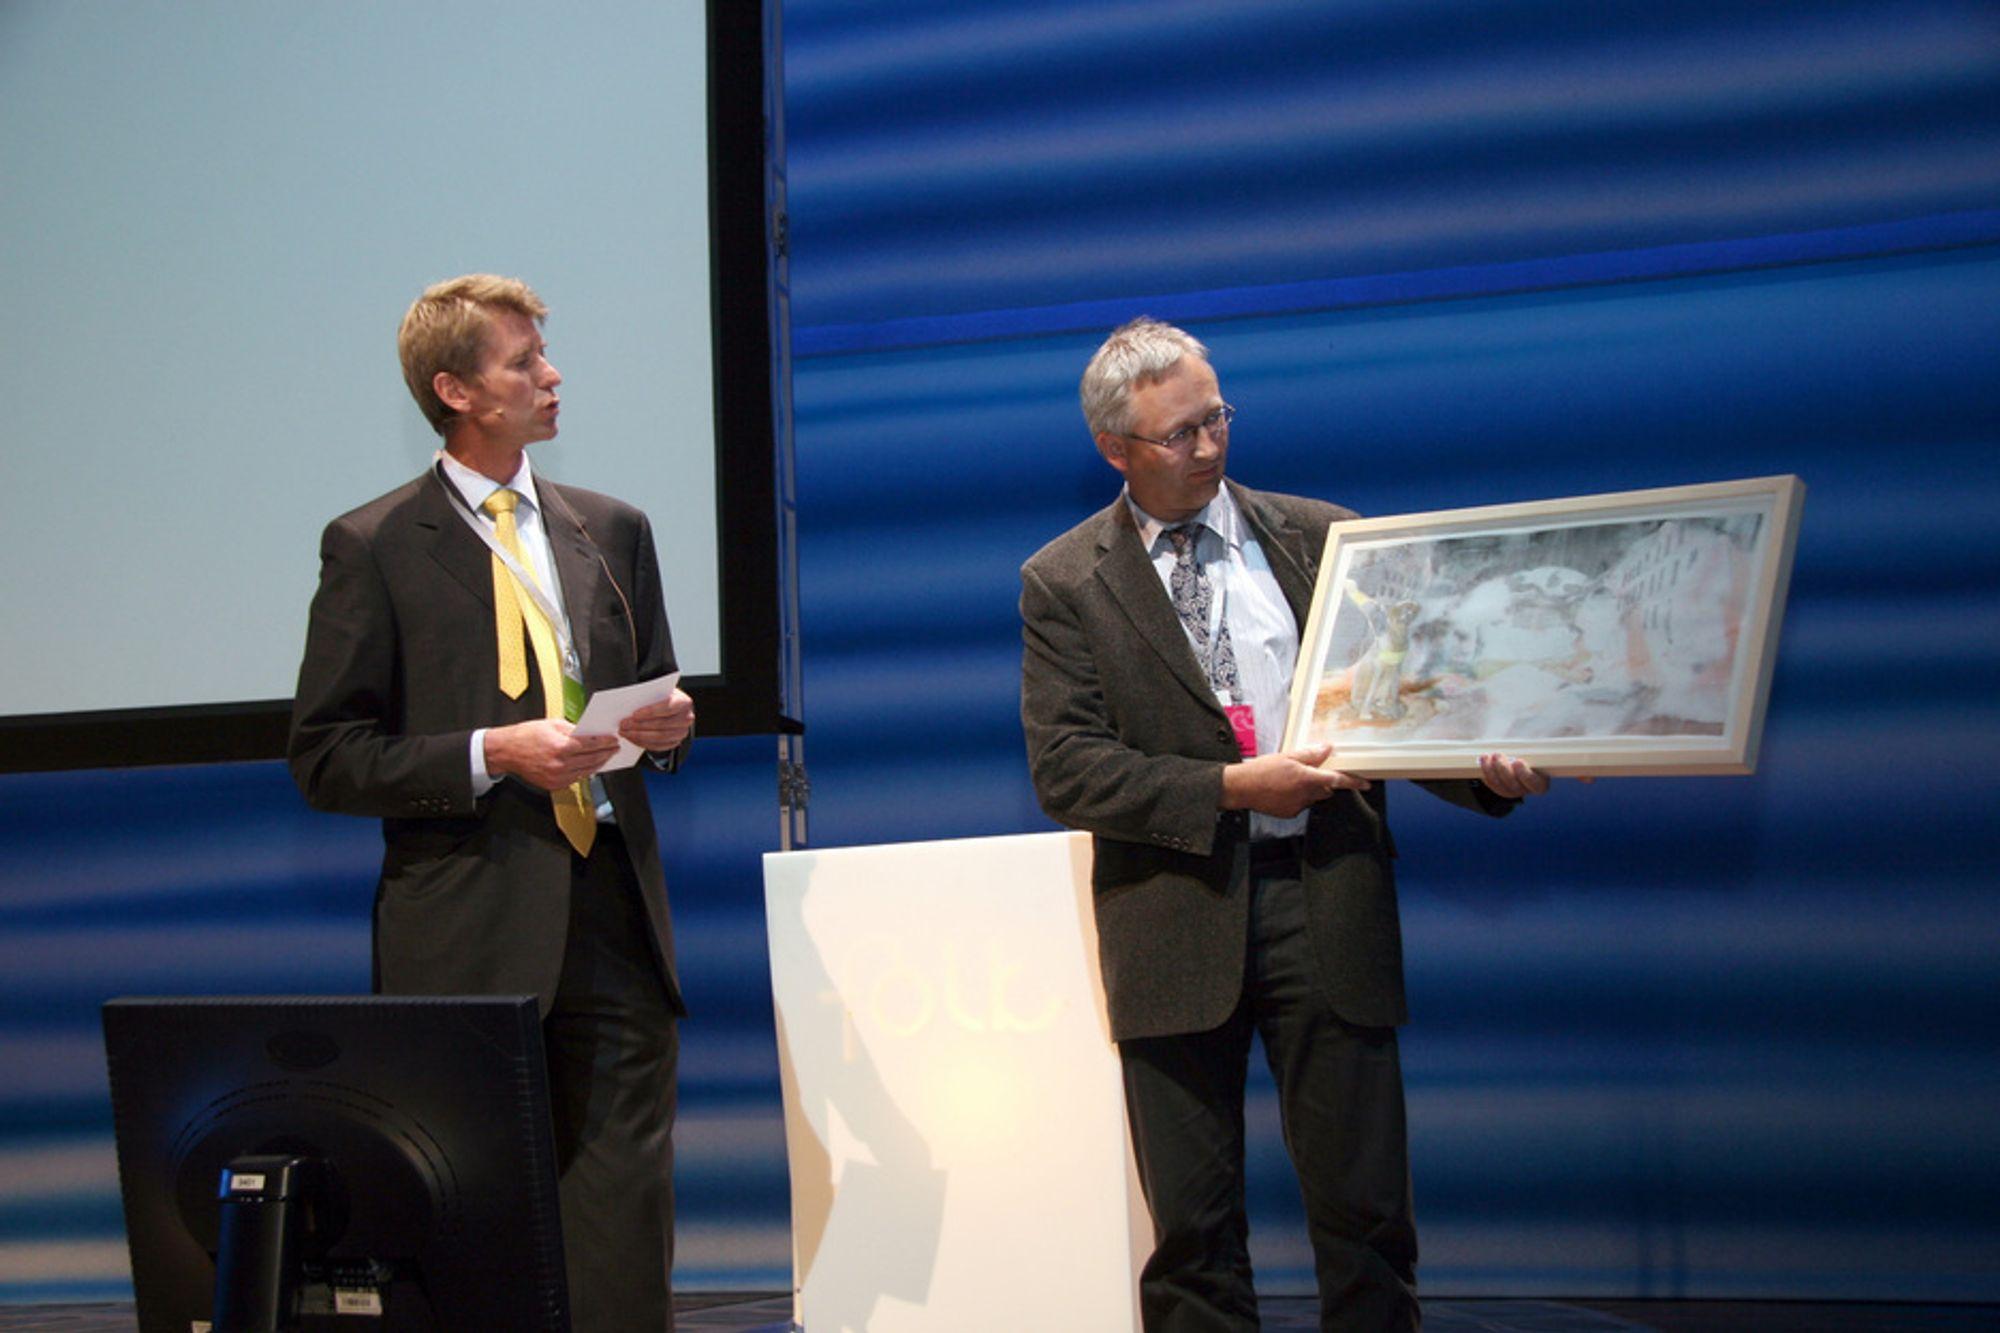 Hybrid Energy ved Bjarne Horntvedt overrekkes Varmepumpeprisen 2009 av Gunnar Solem.